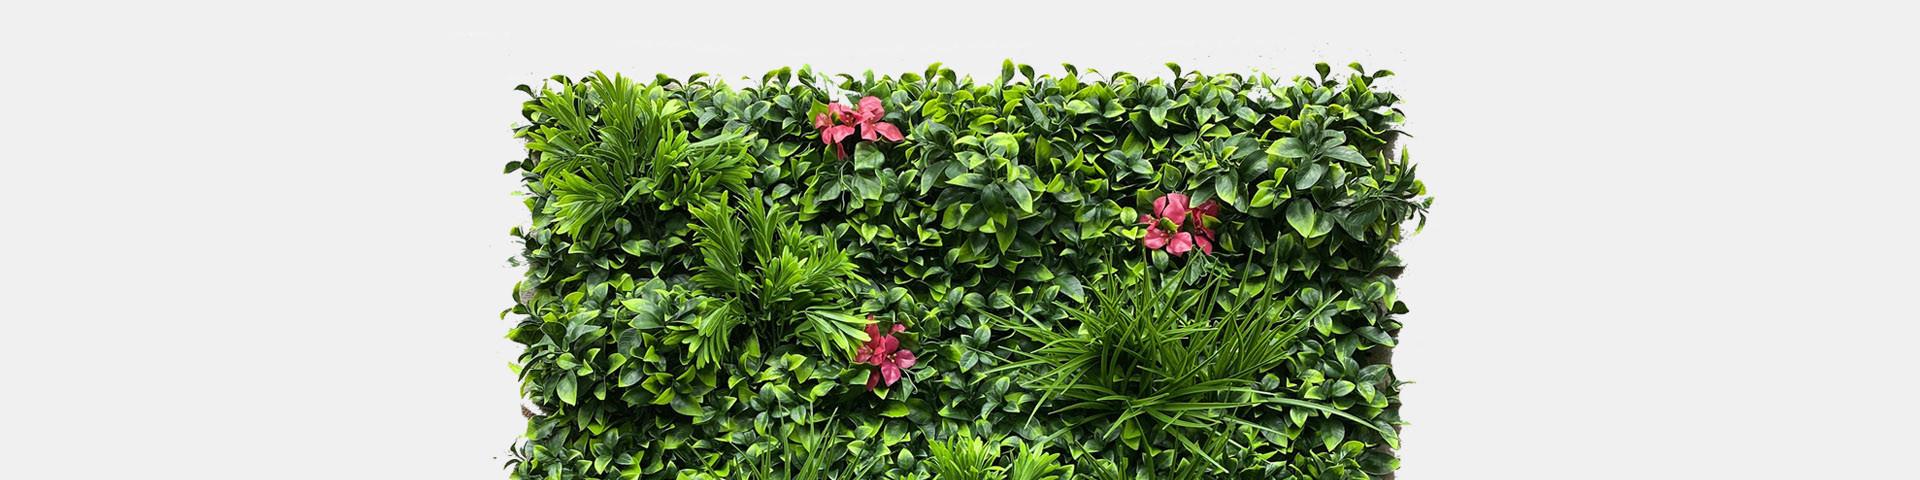 Achat et Vente de Mur Végétal Artificiel - Chic et Design